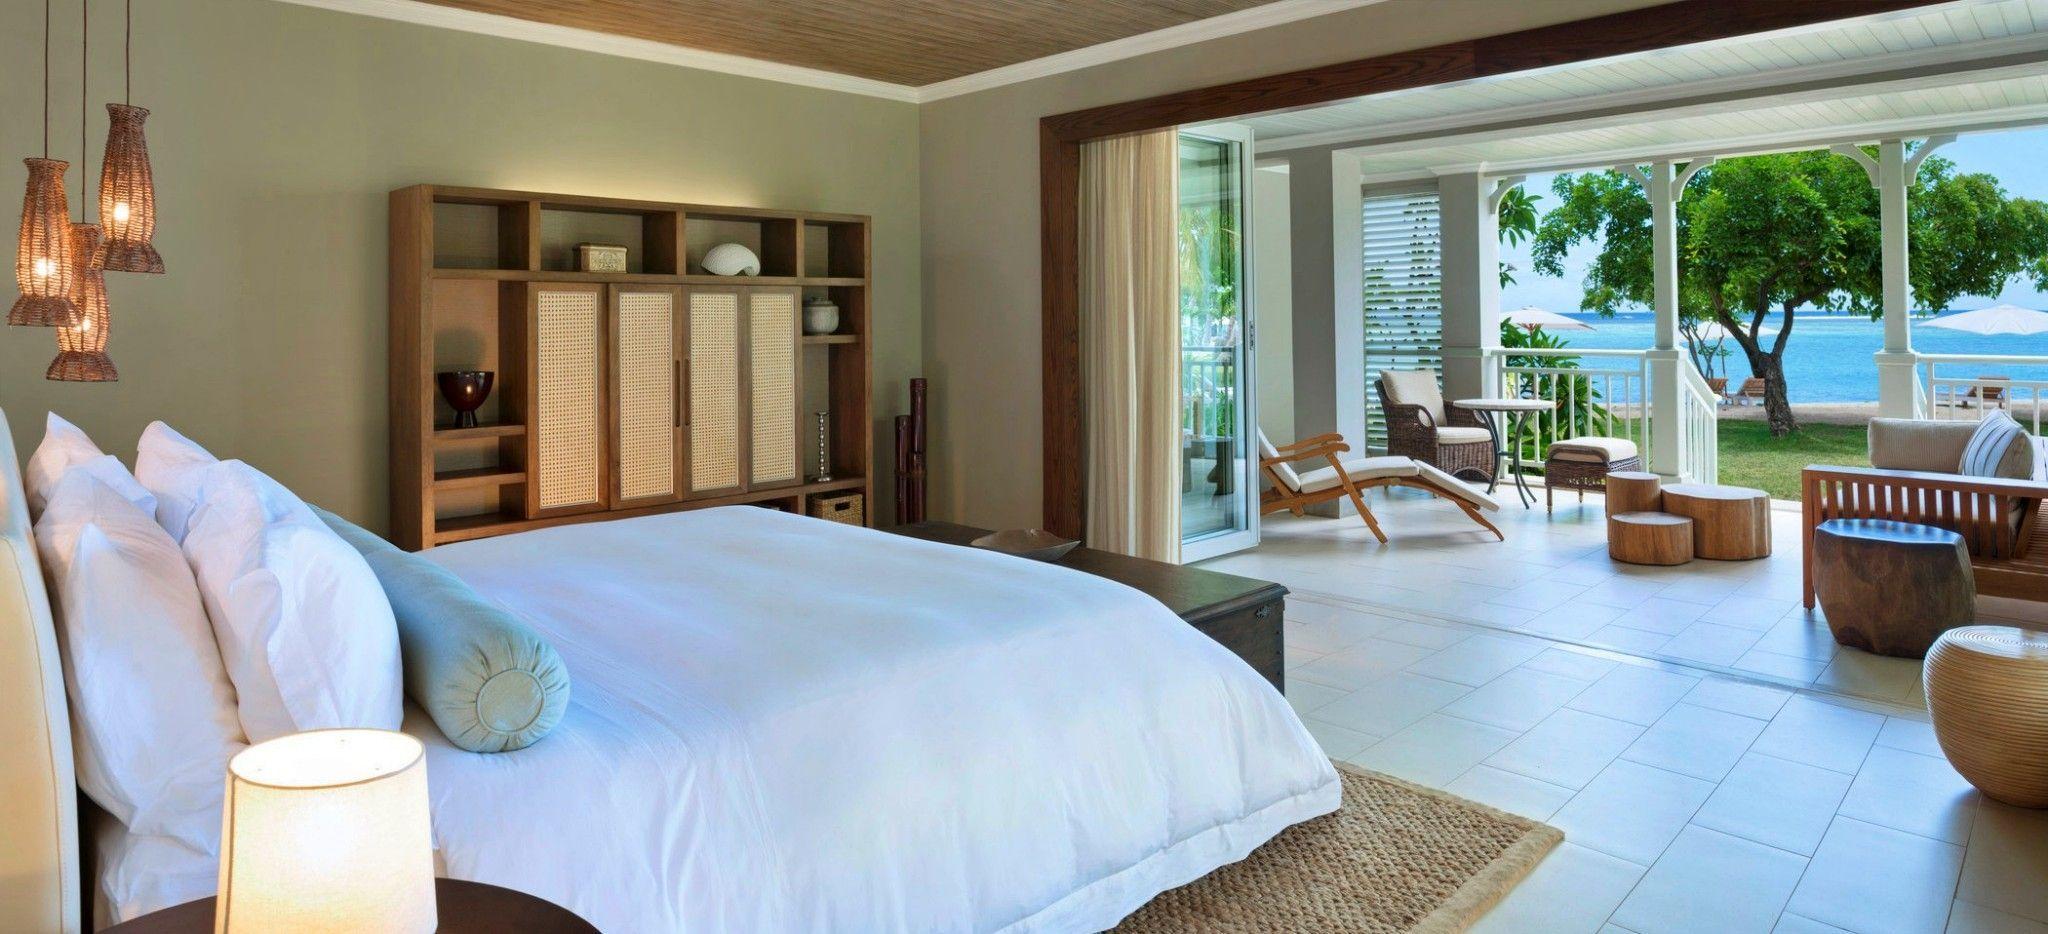 Ein Hotelzimmer mit Blick auf das Meer